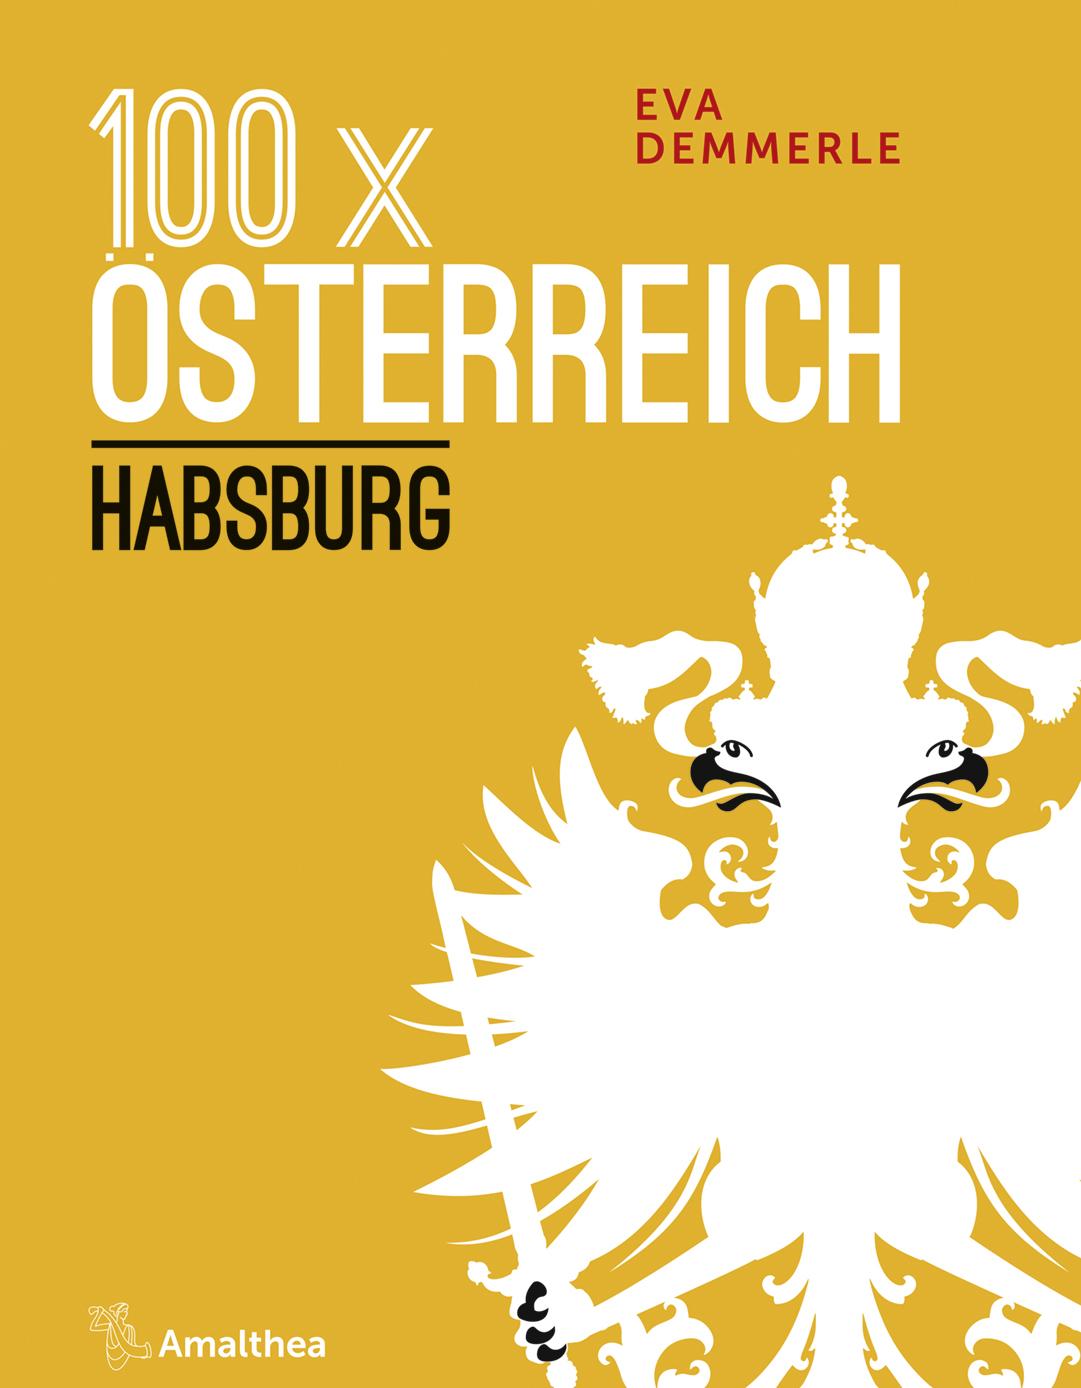 100 x Österreich: Habsburg, Eva Demmerle,  Amalthea Signum , 22 Euro,  Affiliate-Link zu Amazon  ©PR